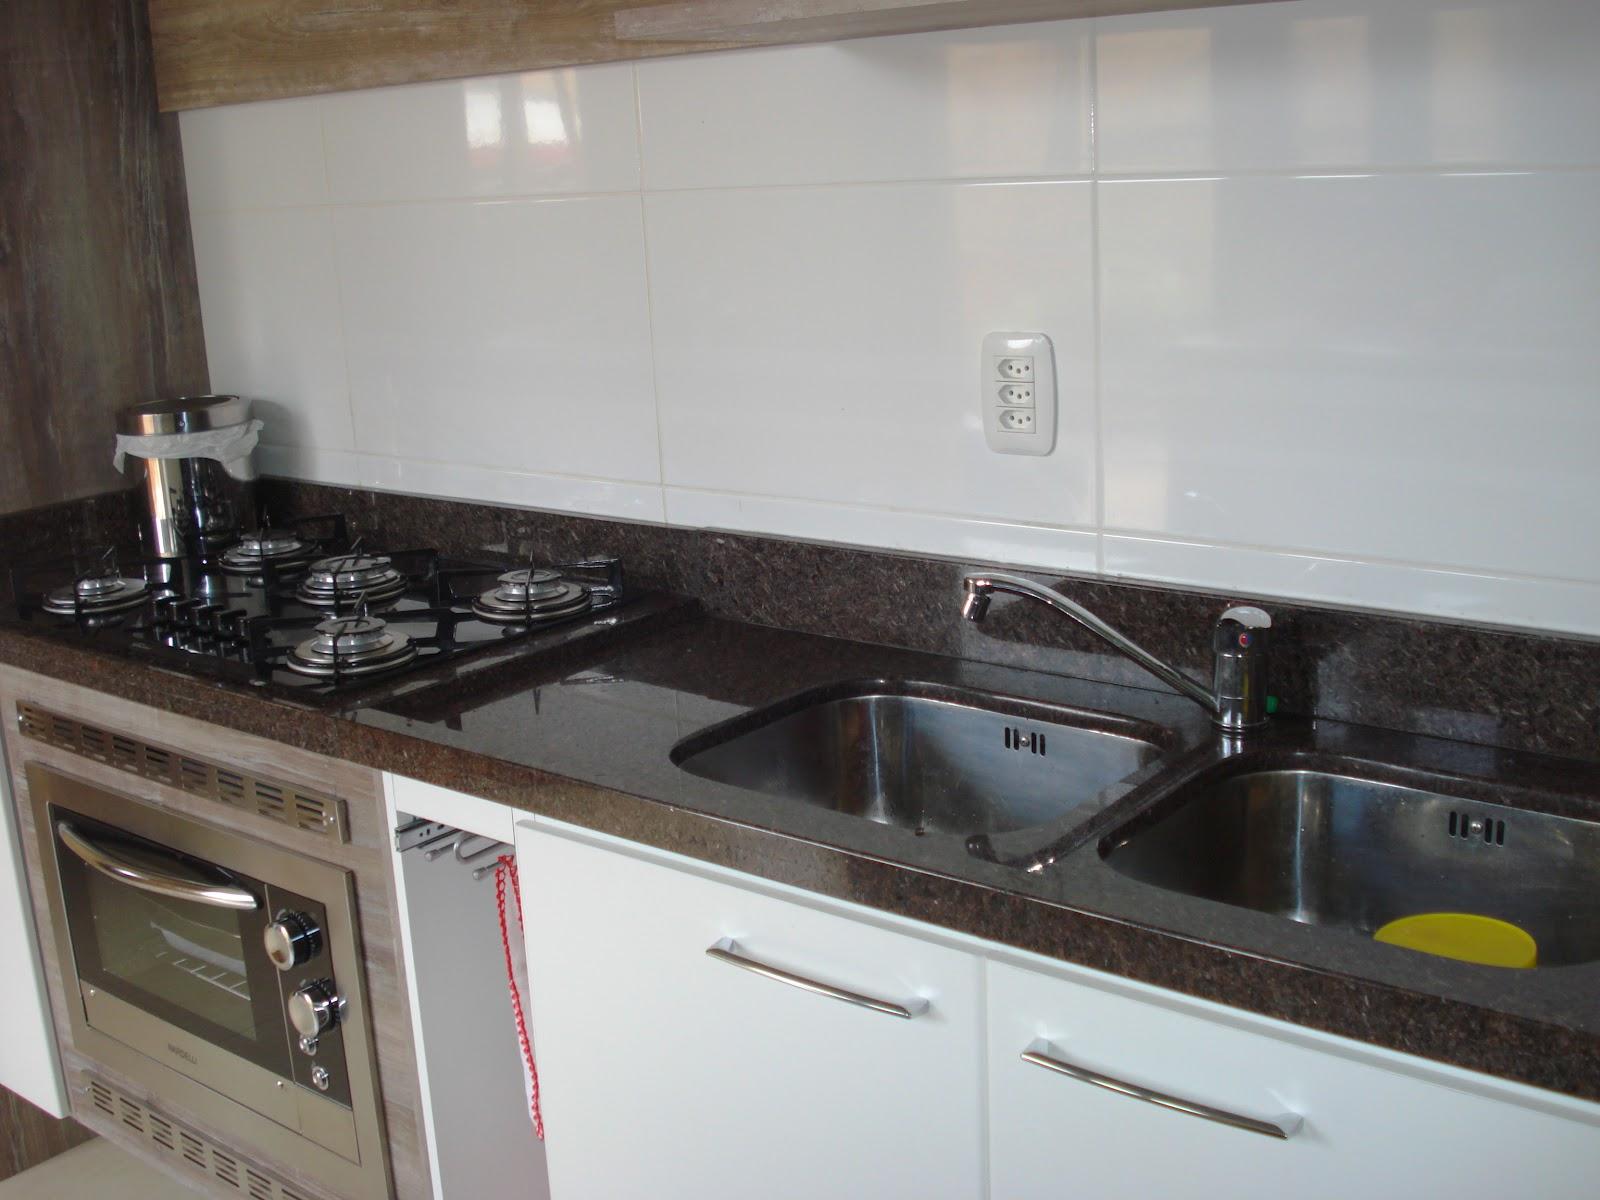 Cozinha de Granito Café Imperial Marmoraria MPK #6E6043 1600x1200